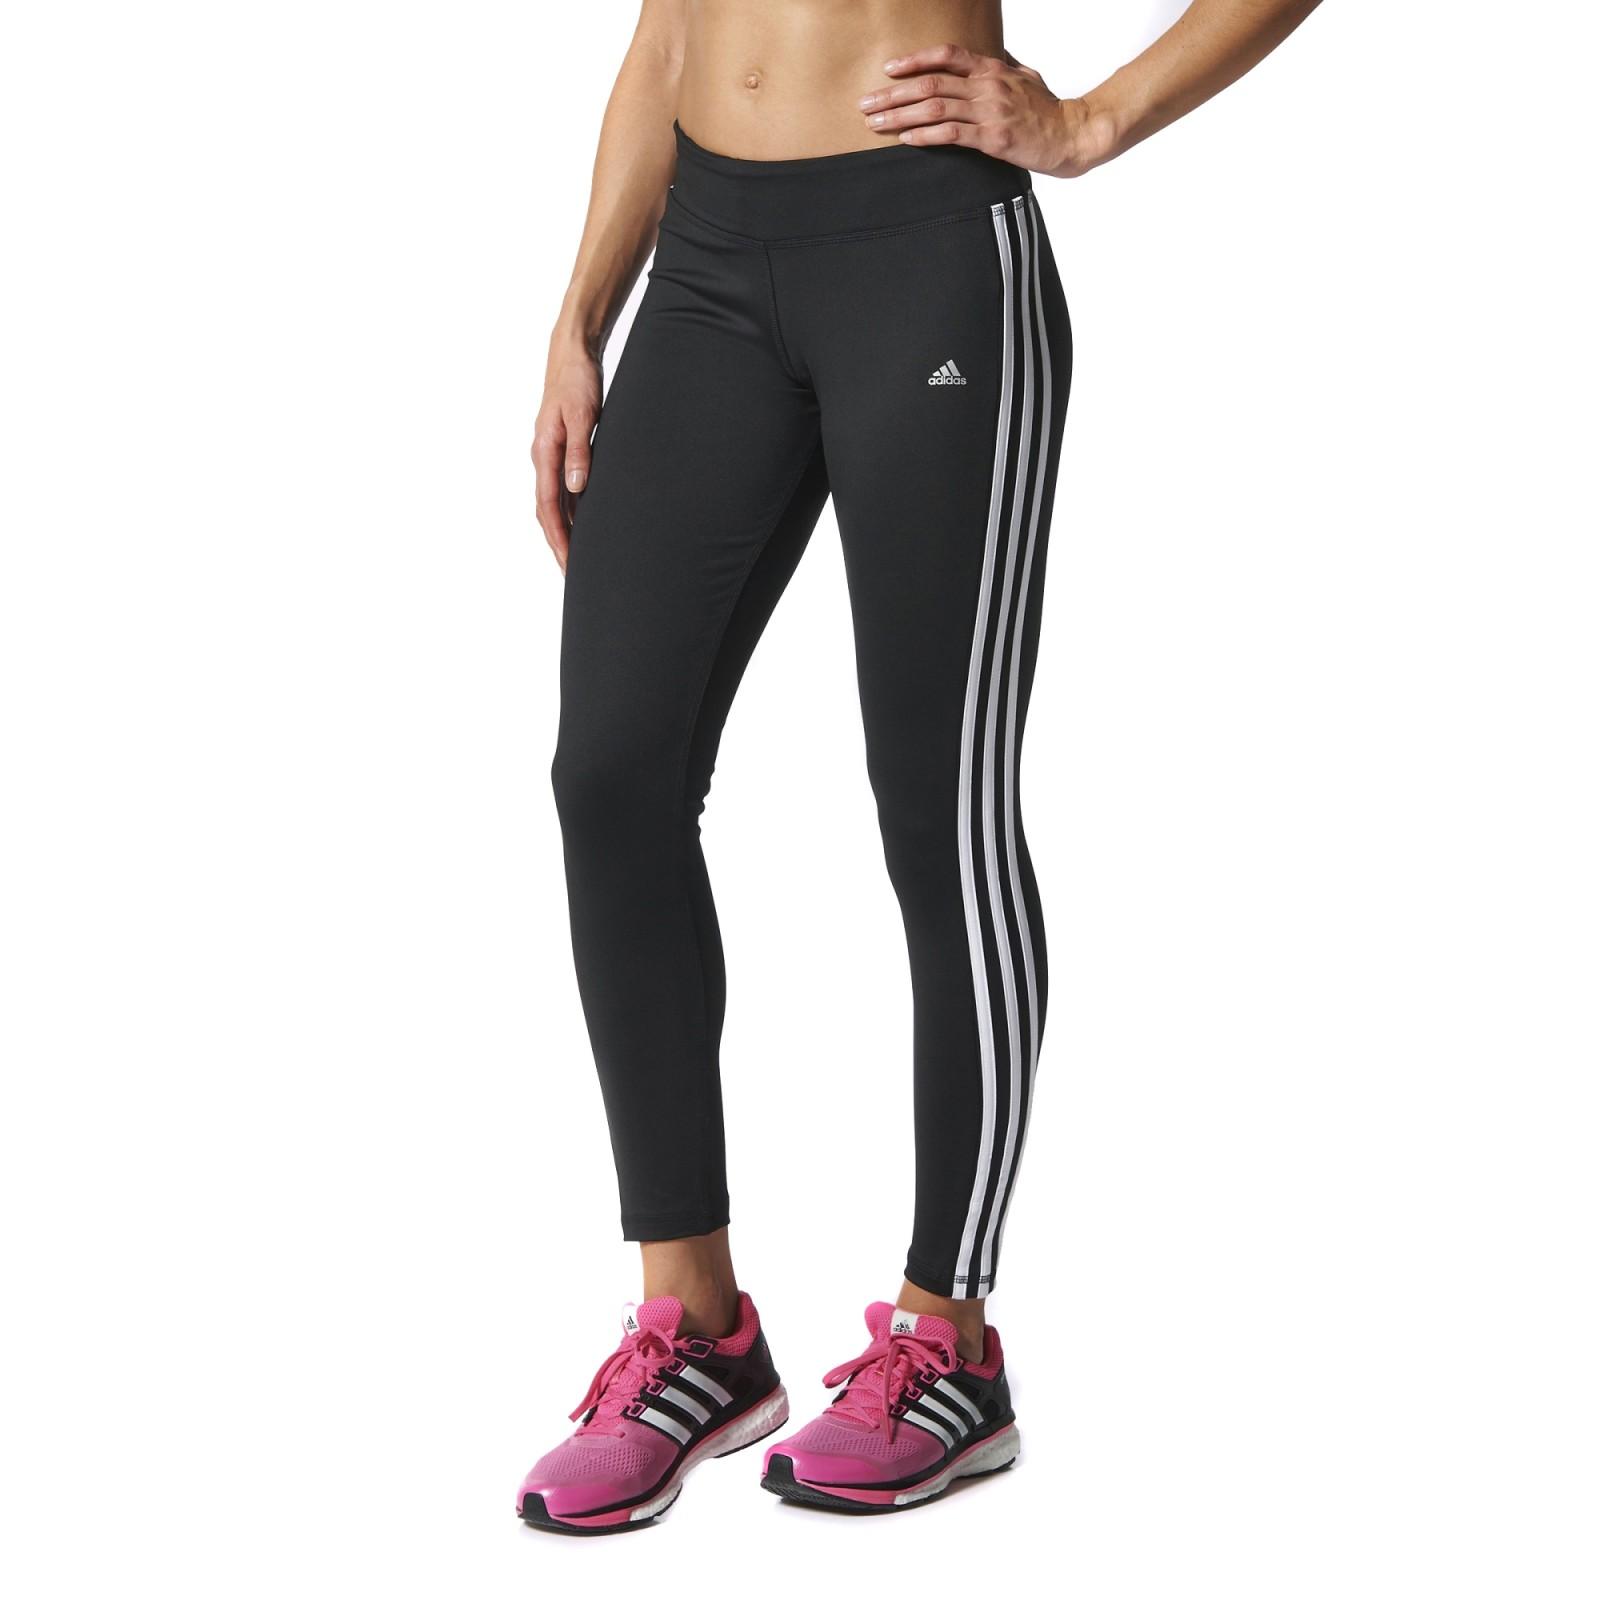 026c0eb7719d2 Dámské legíny adidas CLIMA 3S ESS TI | D-Sport